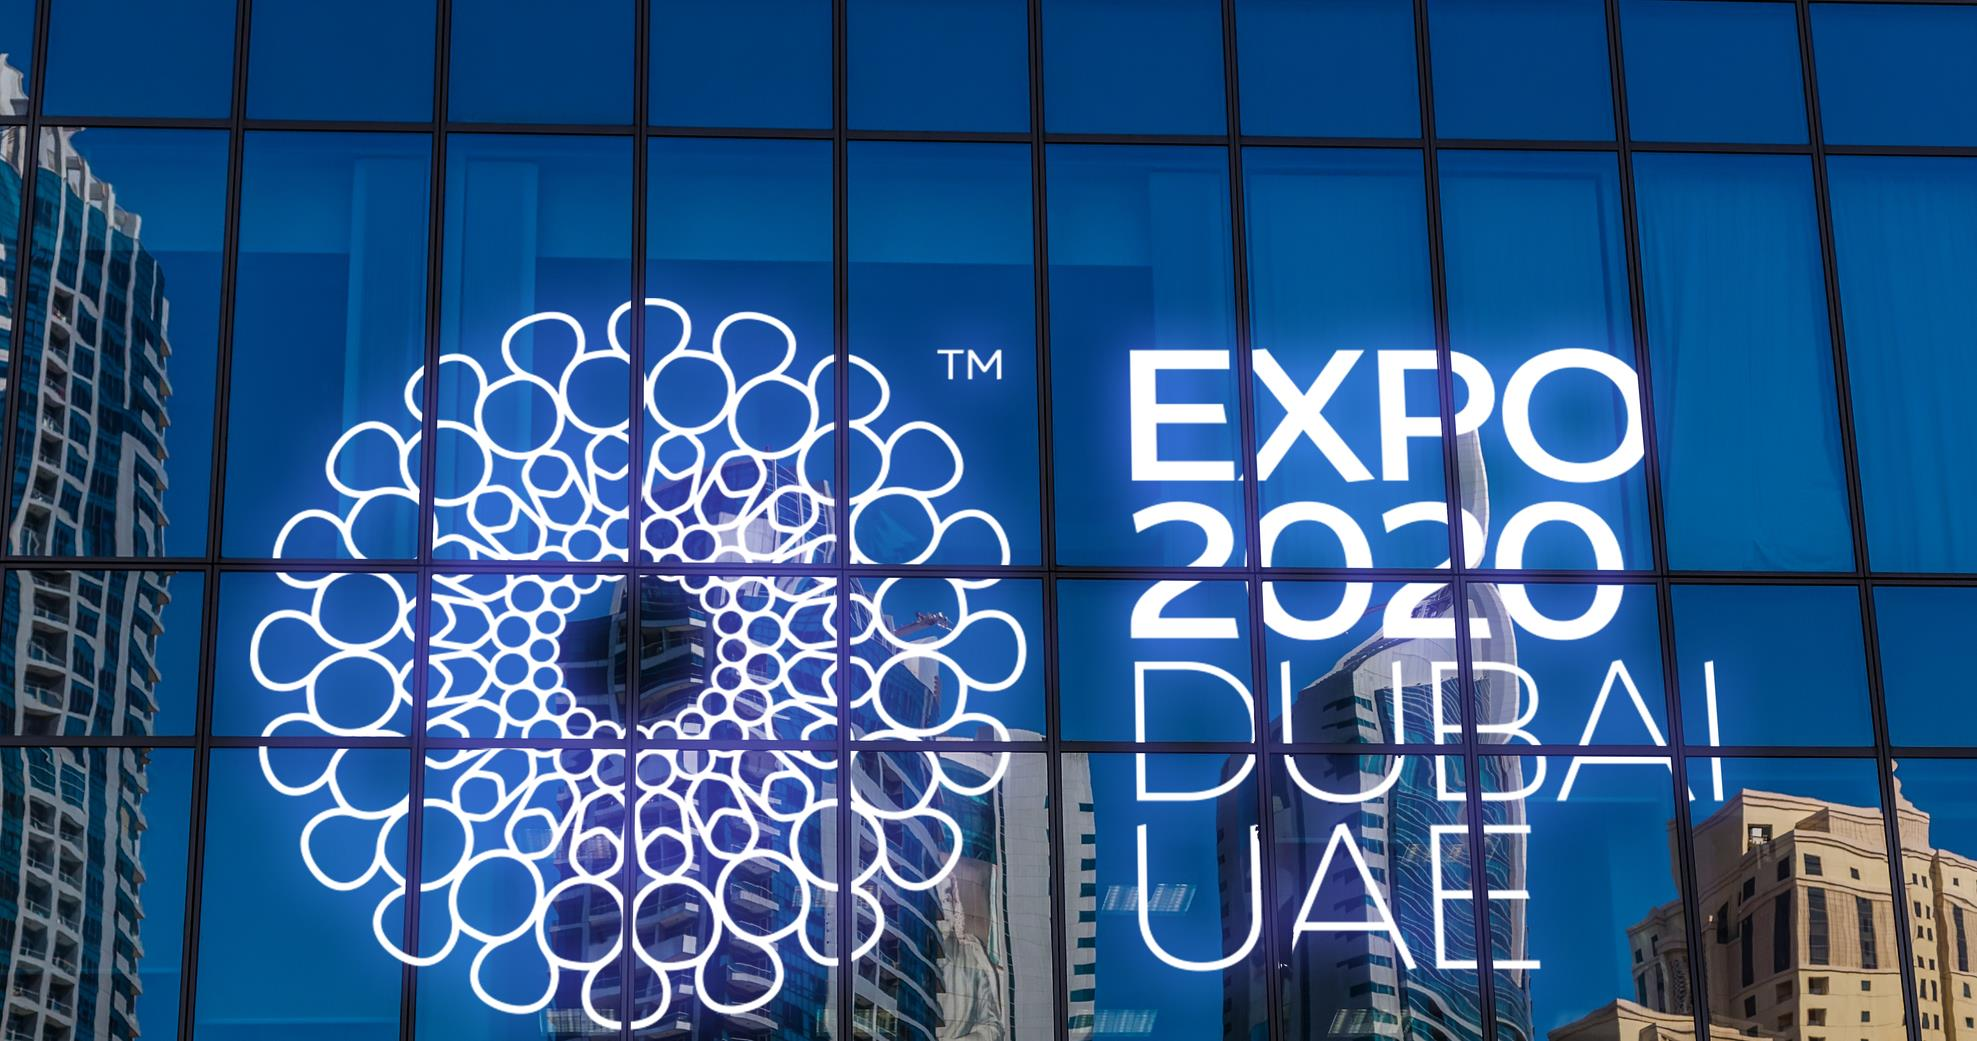 """La participation du Maroc à """"Expo Dubaï 2020"""" confirme son engagement en faveur du développement durable (Mme Fettah Alaoui)"""